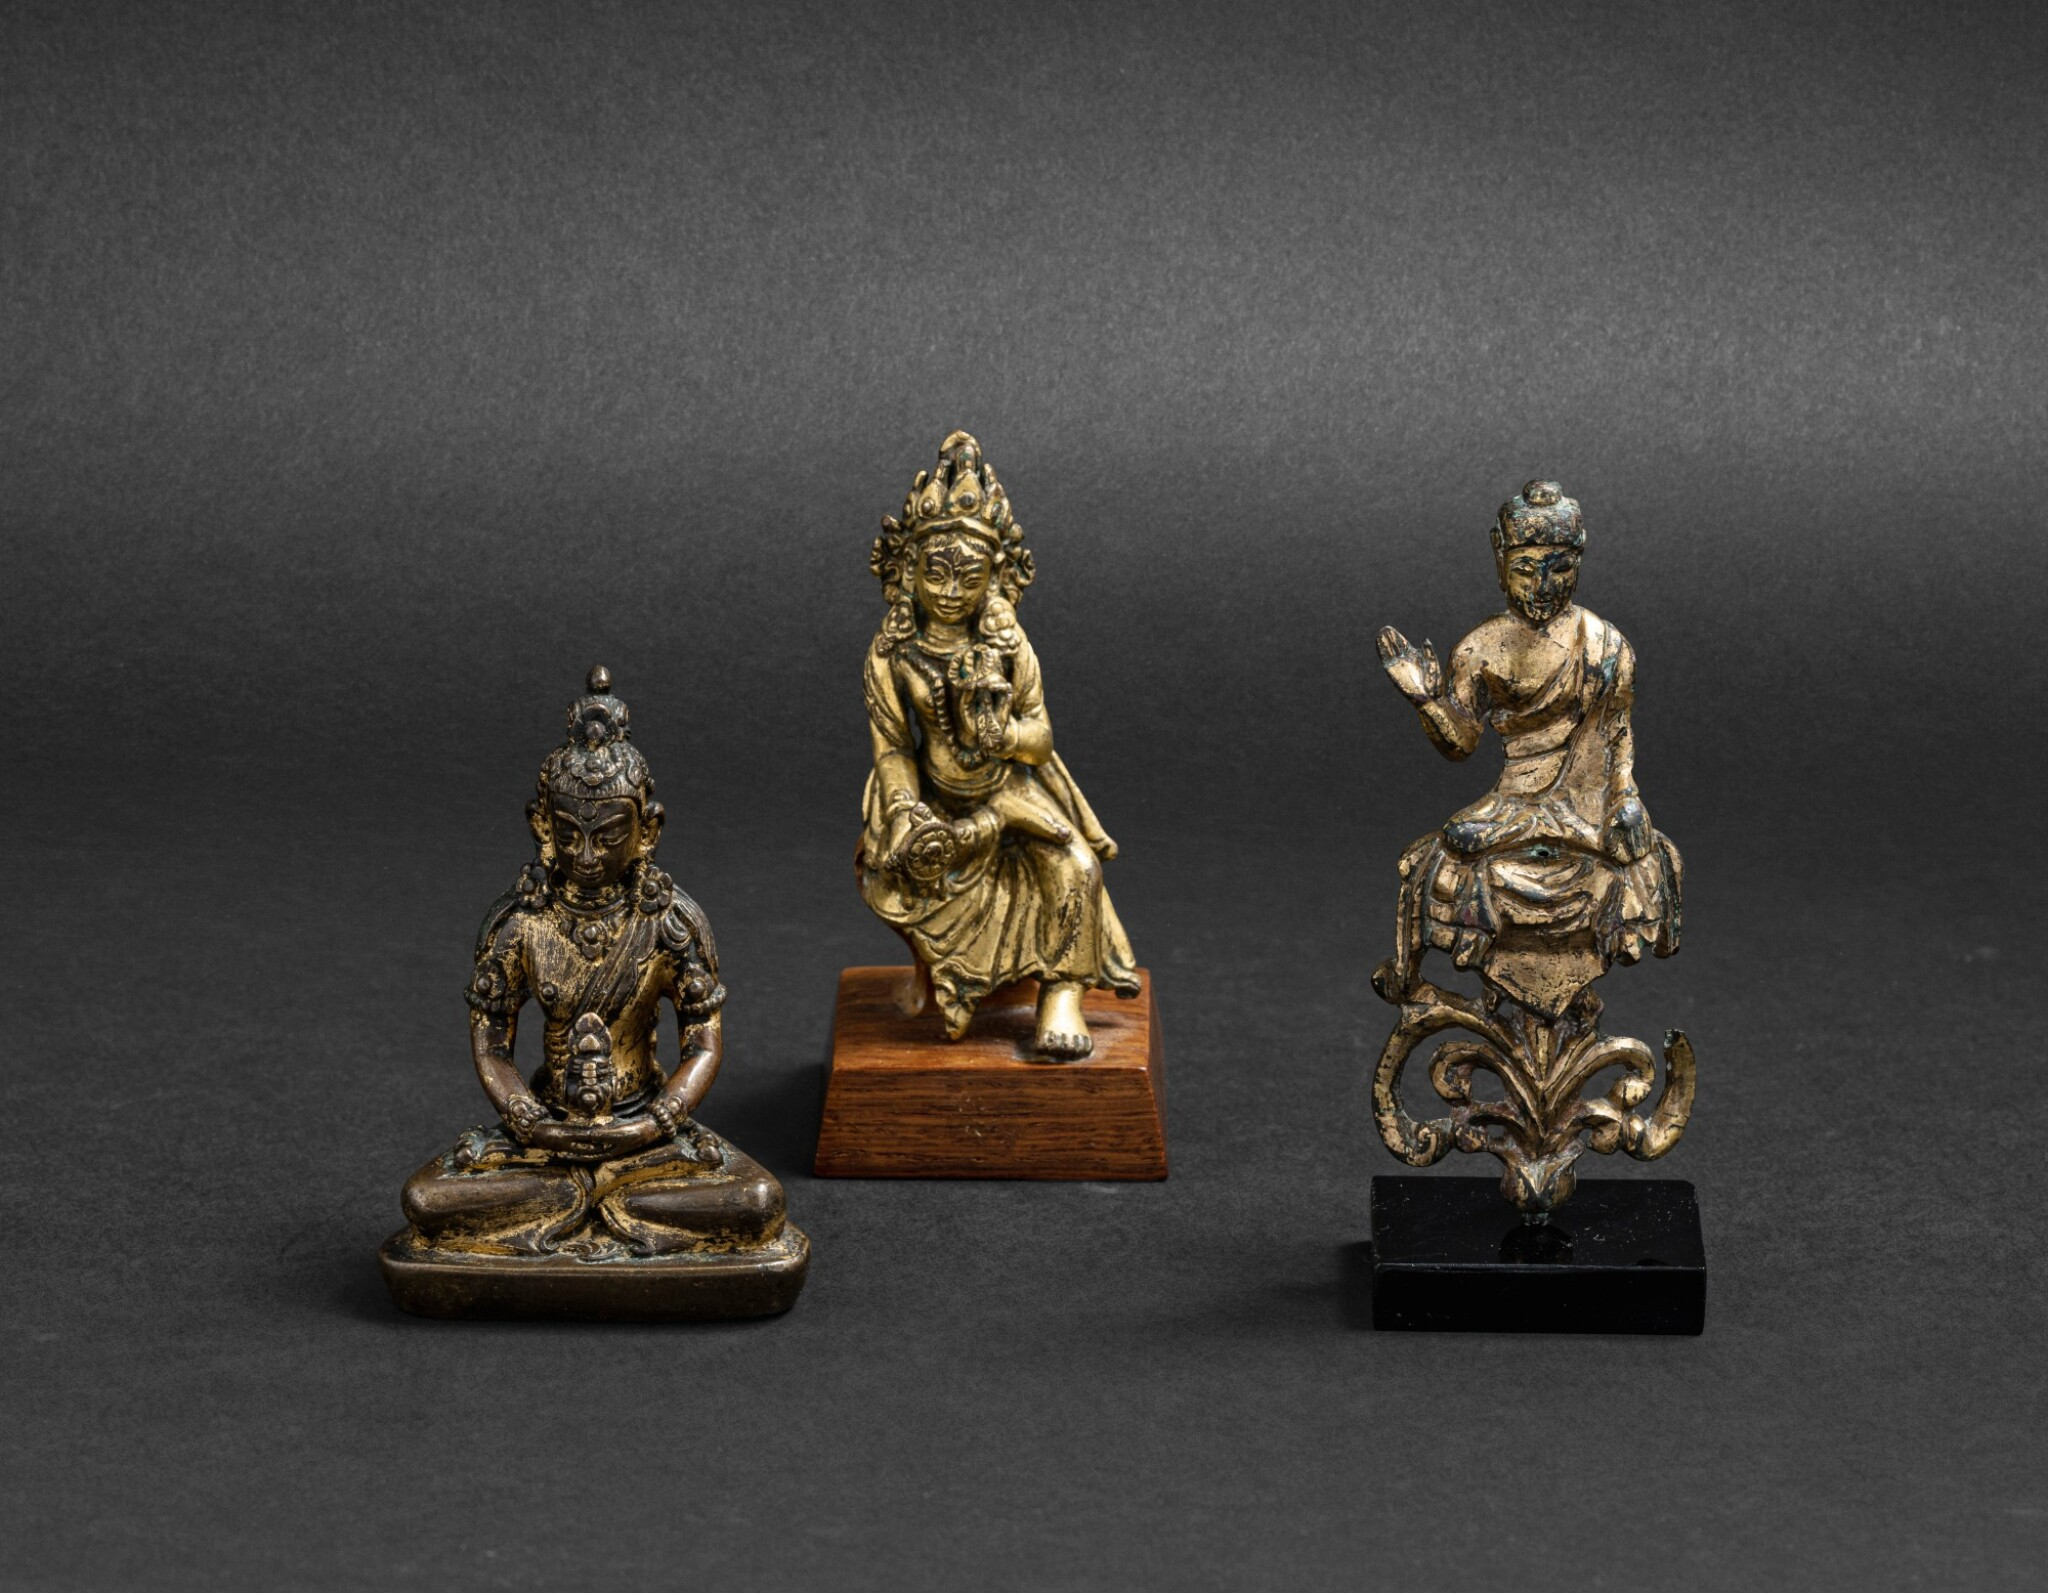 View 1 of Lot 31. Trois divinités en bronze et bronze doré Dynastie Qing et antérieure | 清及更早期 鎏金銅佛坐像 一組三尊 | A miniature bronze Amitayus, a Bodhisattva and a seated Buddha, Qing Dynasty and earlier.